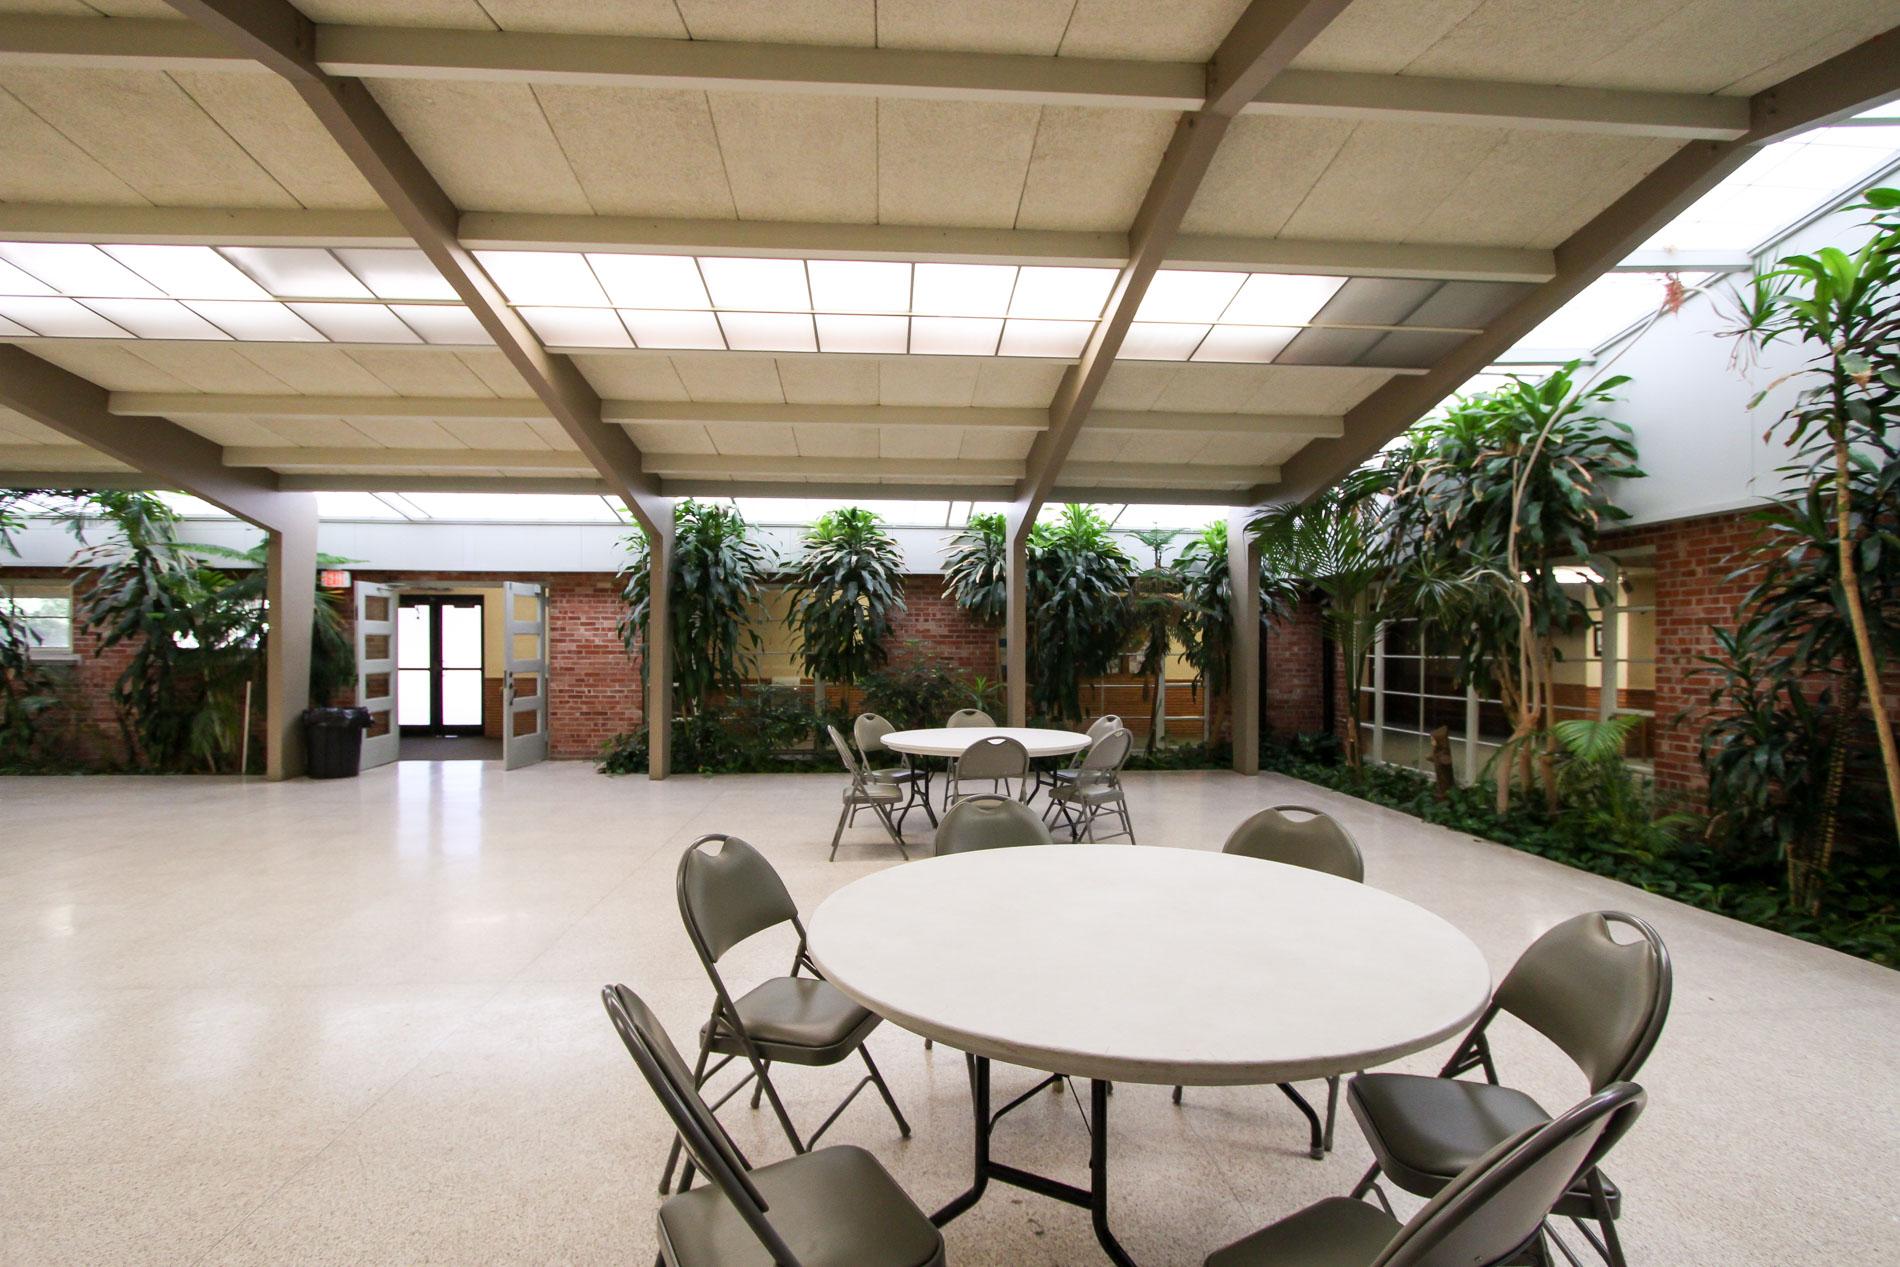 St. John's Garden Room